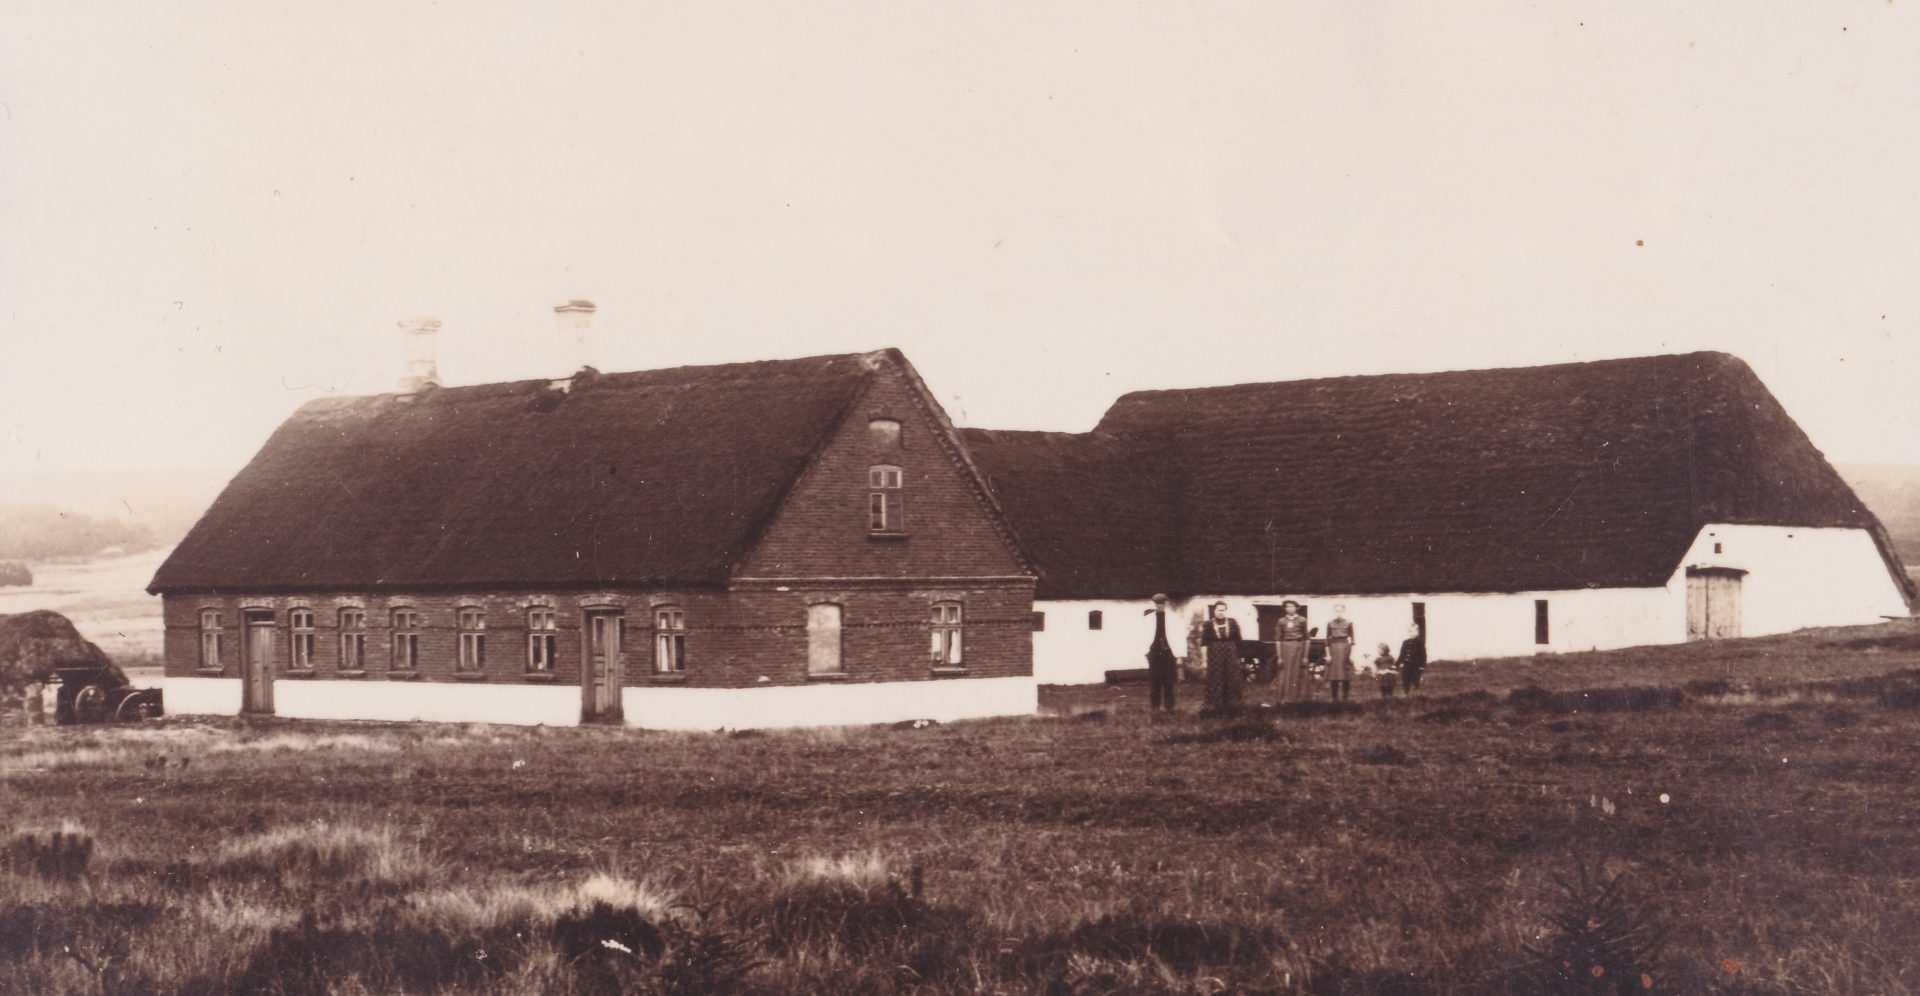 Gårdmand Poul Christian Jensen fotograferet med sin familie foran Fuglsang, omkring 1916.